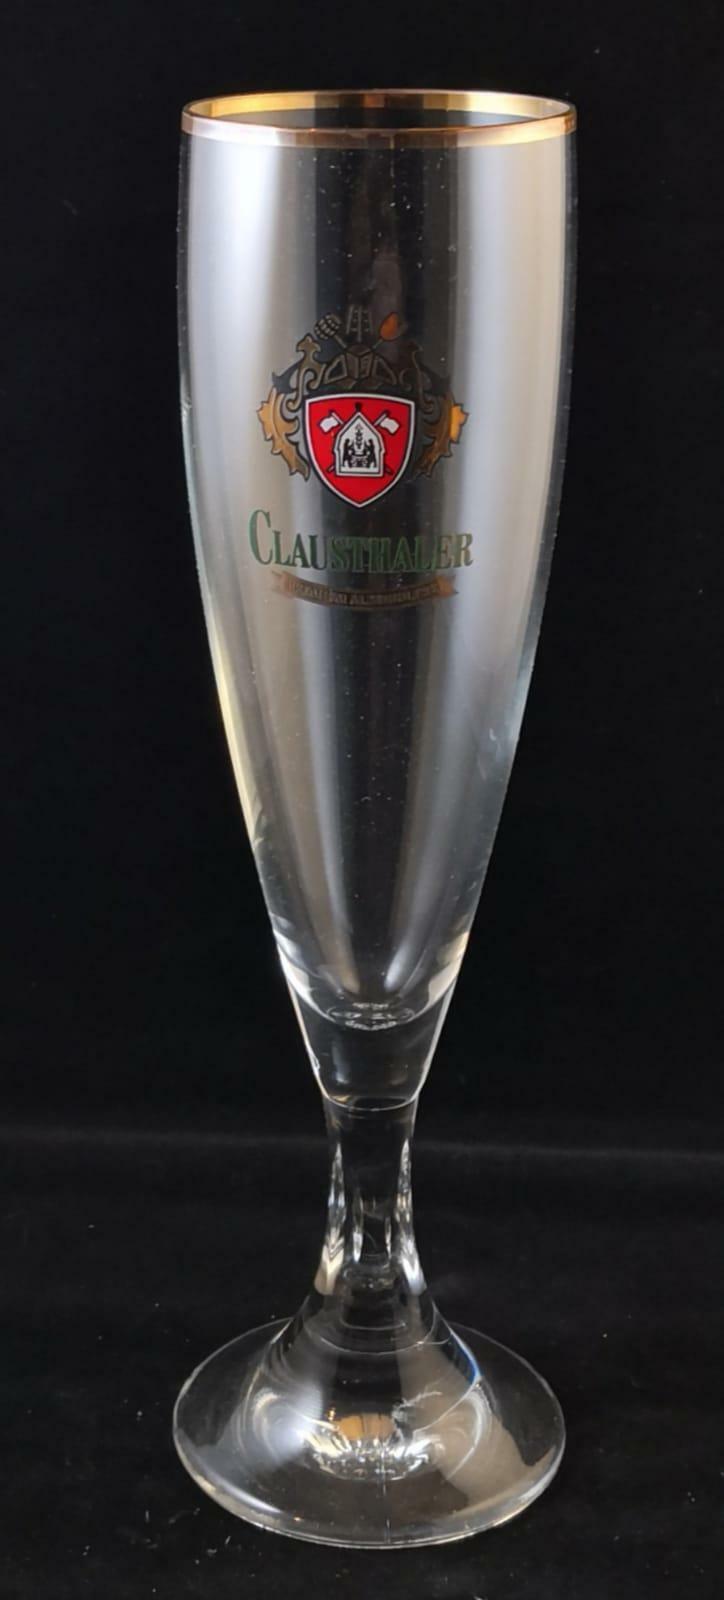 2 Clausthaler Premium Alkoholfrei Biergläser, 0,2 l, Glas,  Bistro, 2 Stück